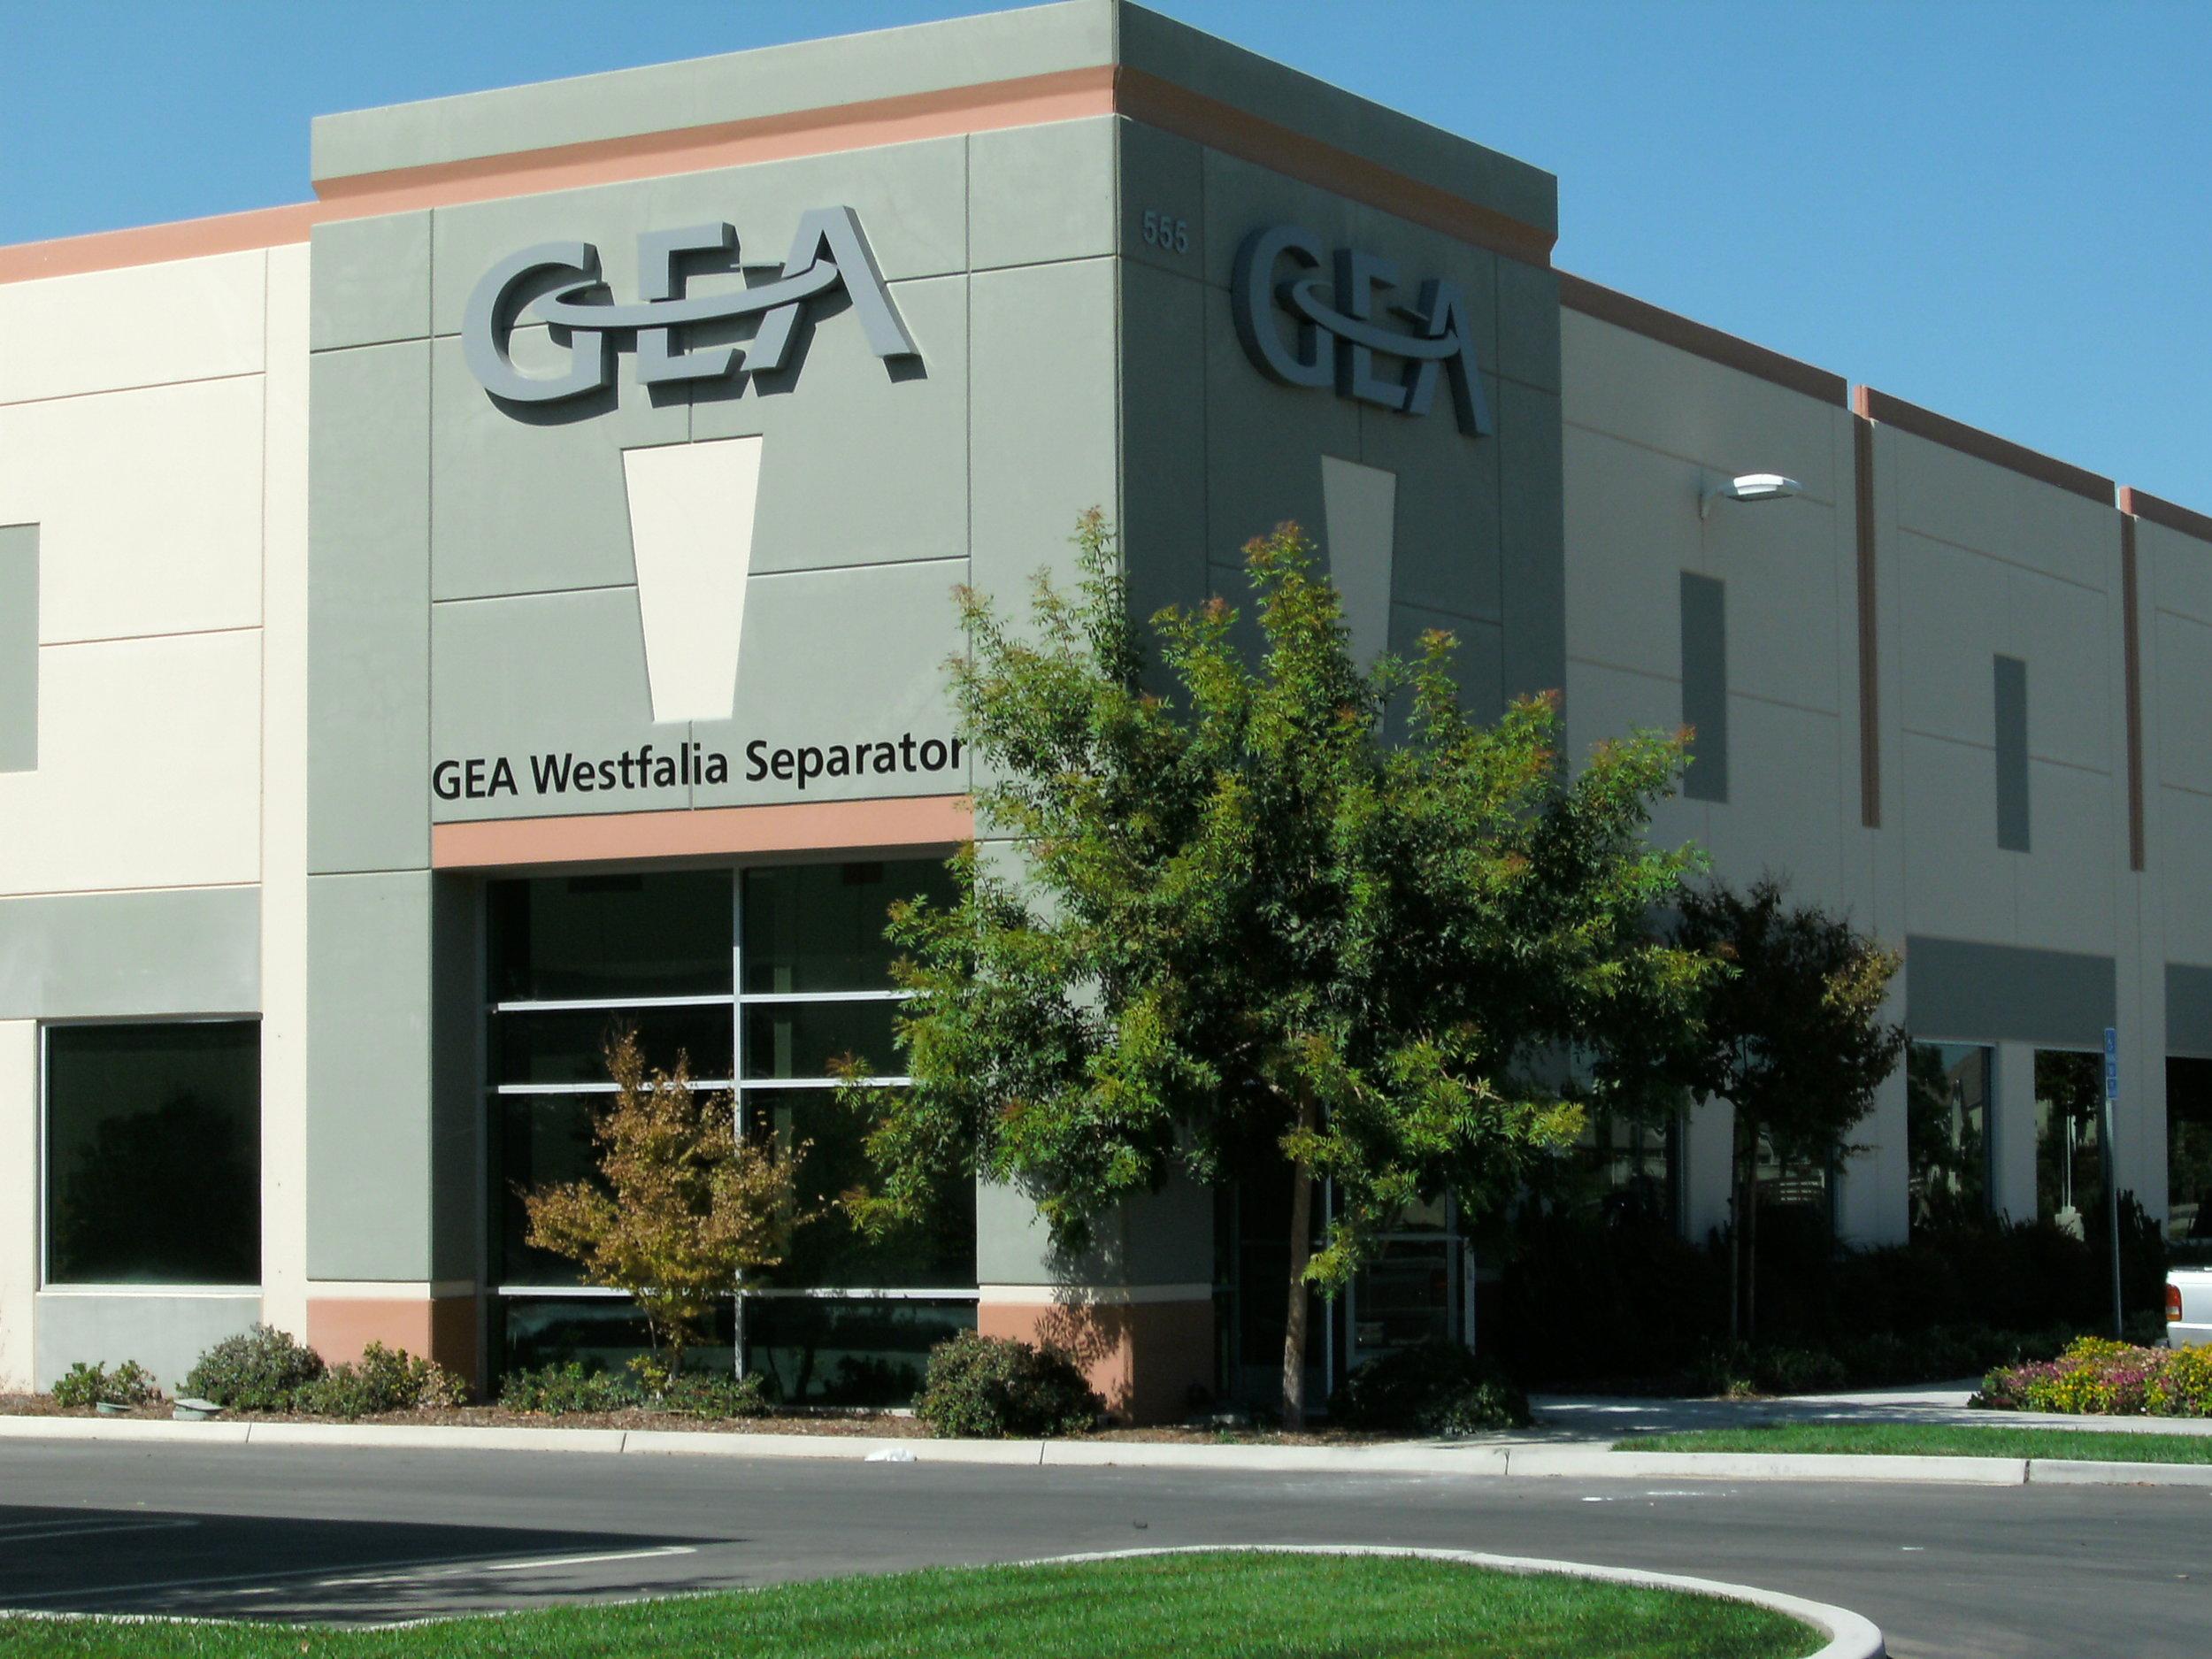 Westfalia building signage 001.jpg